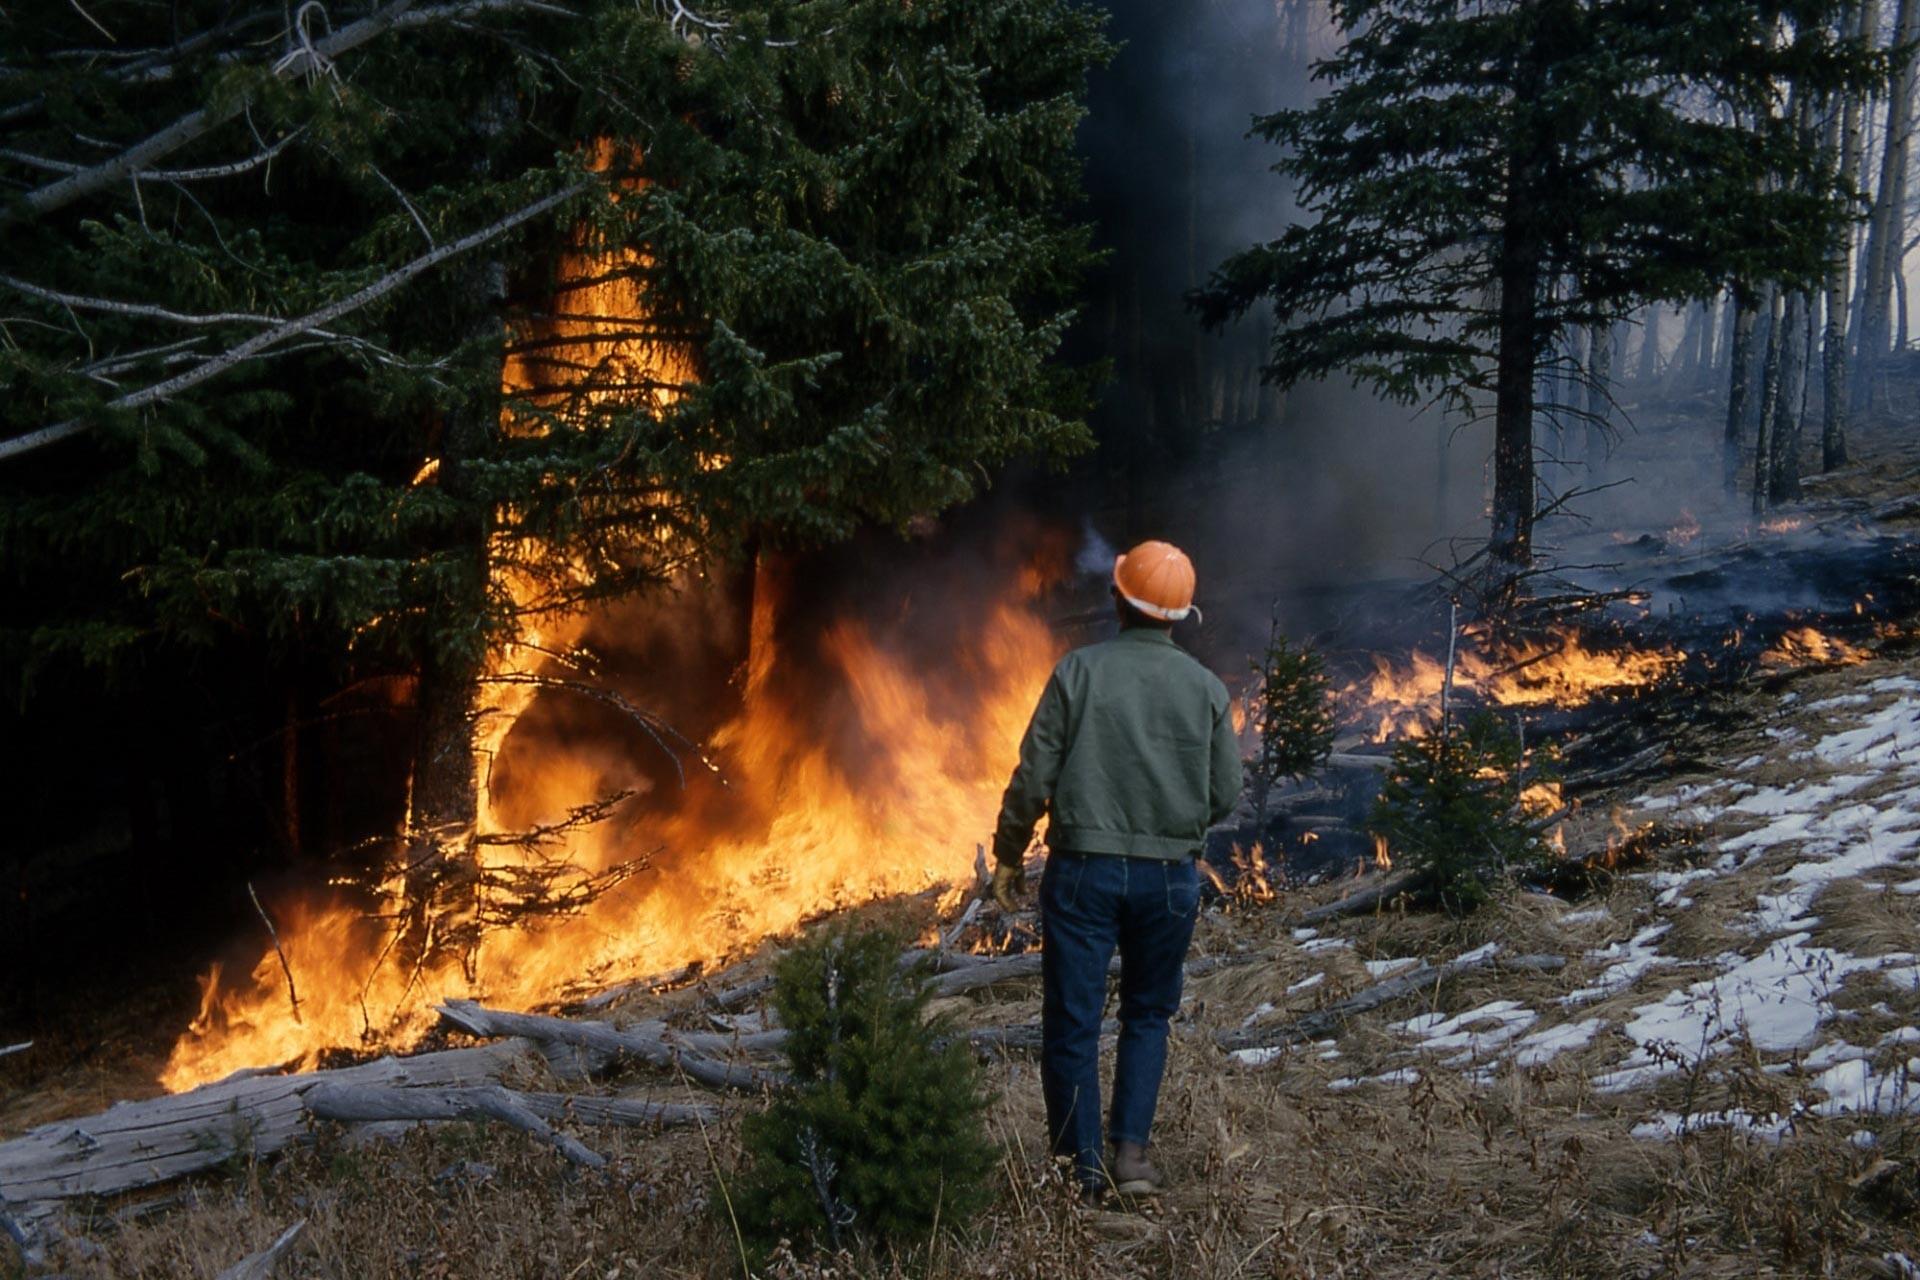 4 binden fazla orman işçisinin görevine son veriliyor